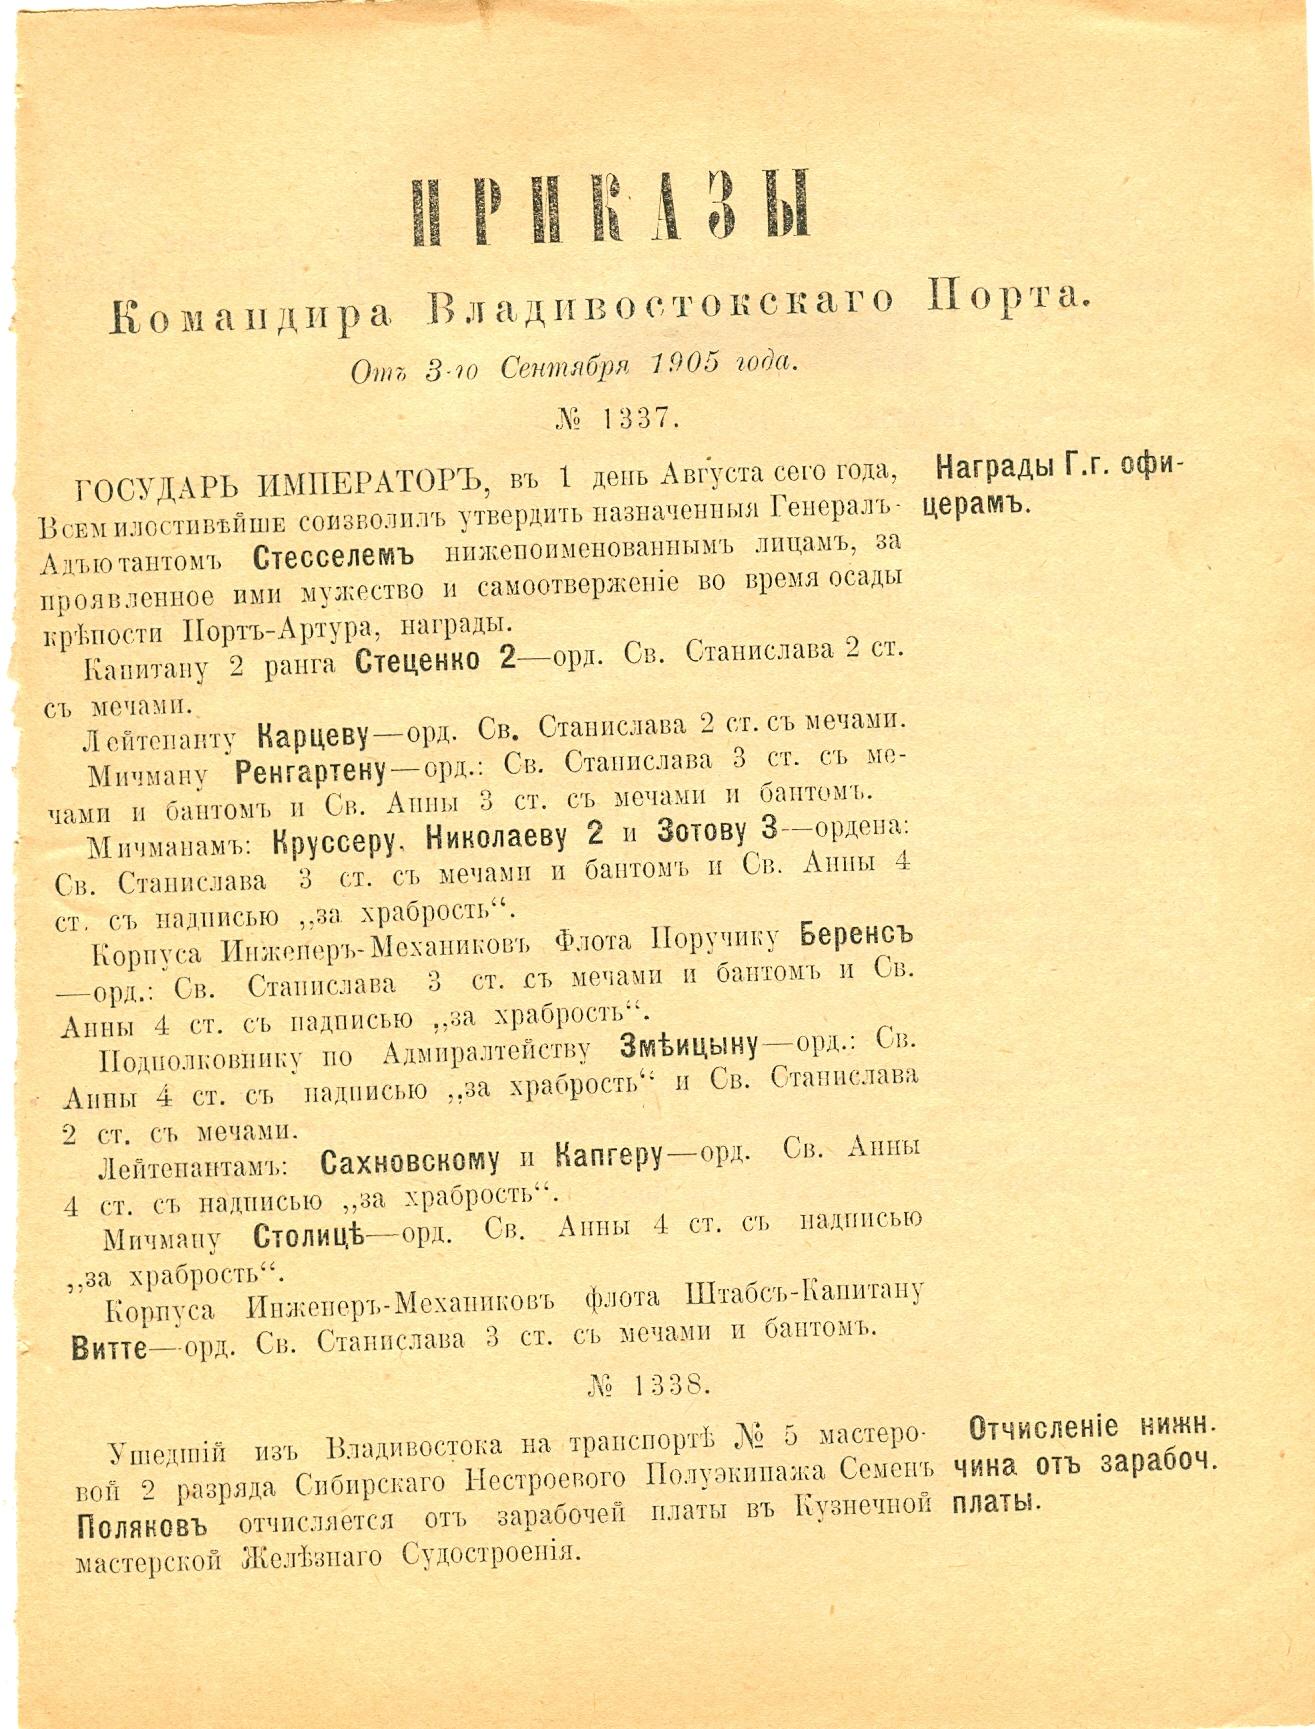 Приказы Командира Владивостокского<br>Порта №№ 1337,1338